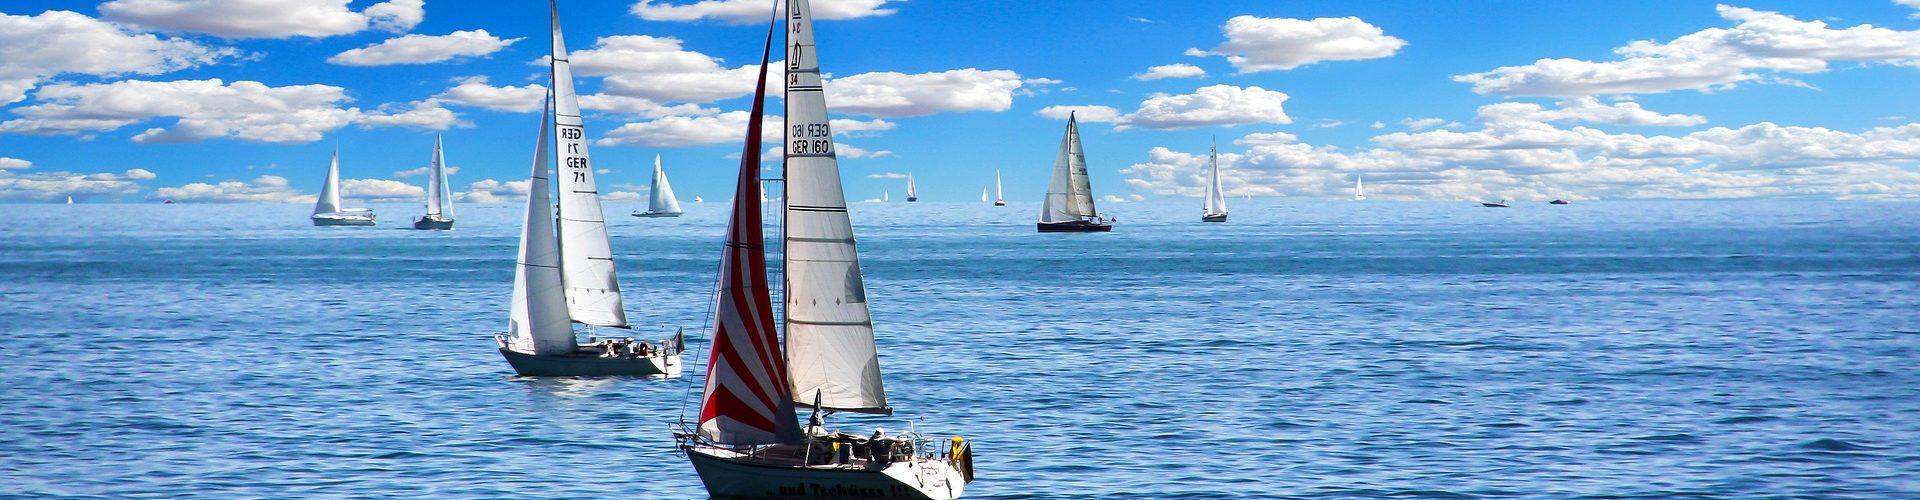 segeln lernen in Wilsum segelschein machen in Wilsum 1920x500 - Segeln lernen in Wilsum